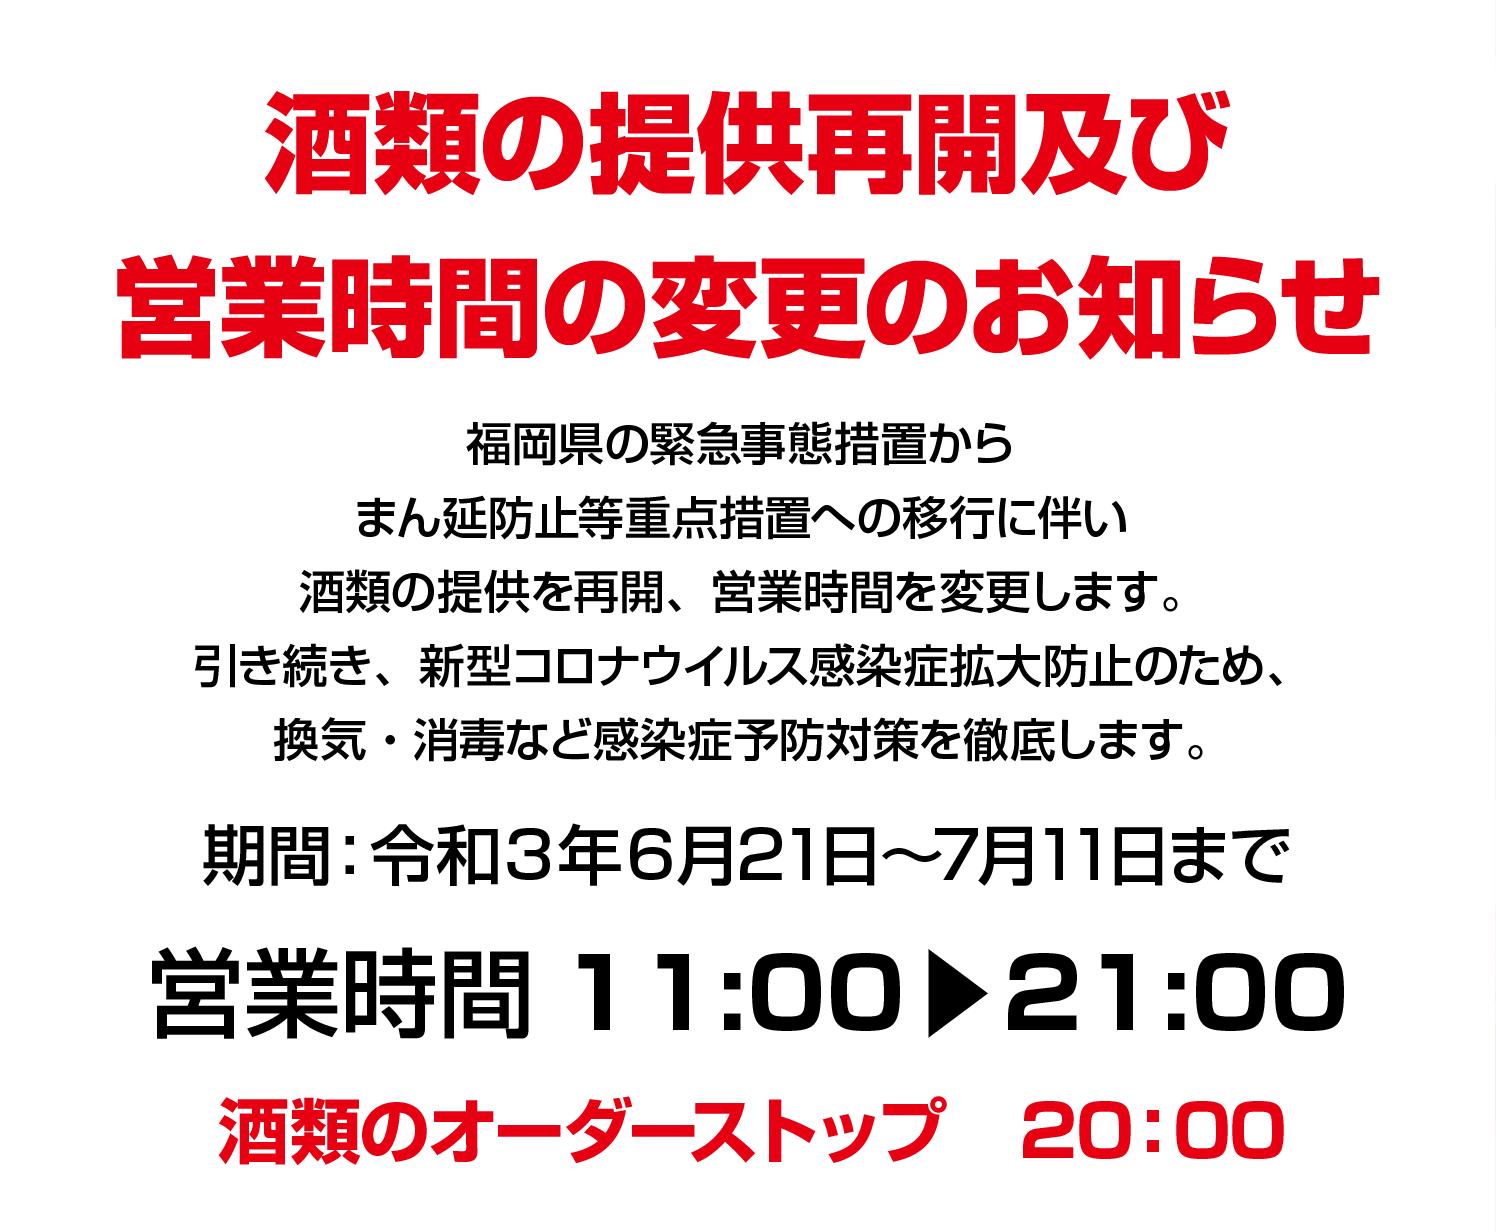 酒類の提供再開及び営業時間の変更のお知らせ【6/21日~】